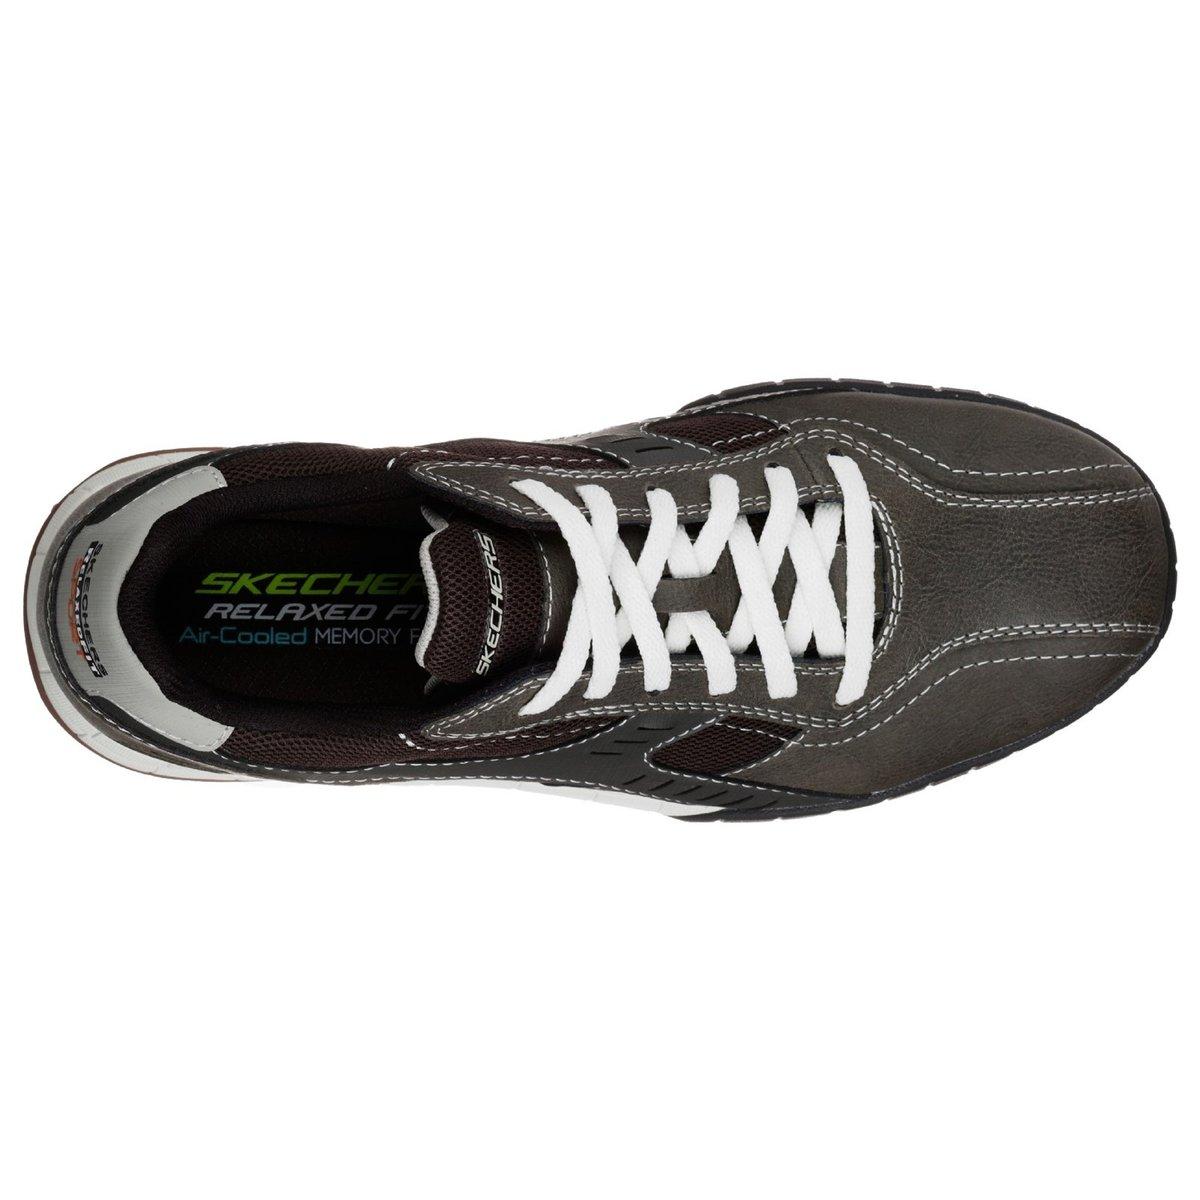 Skechers-Zapatillas-de-cuero-con-cordones-modelo-Floater-2-0-para-FS5178 miniatura 10